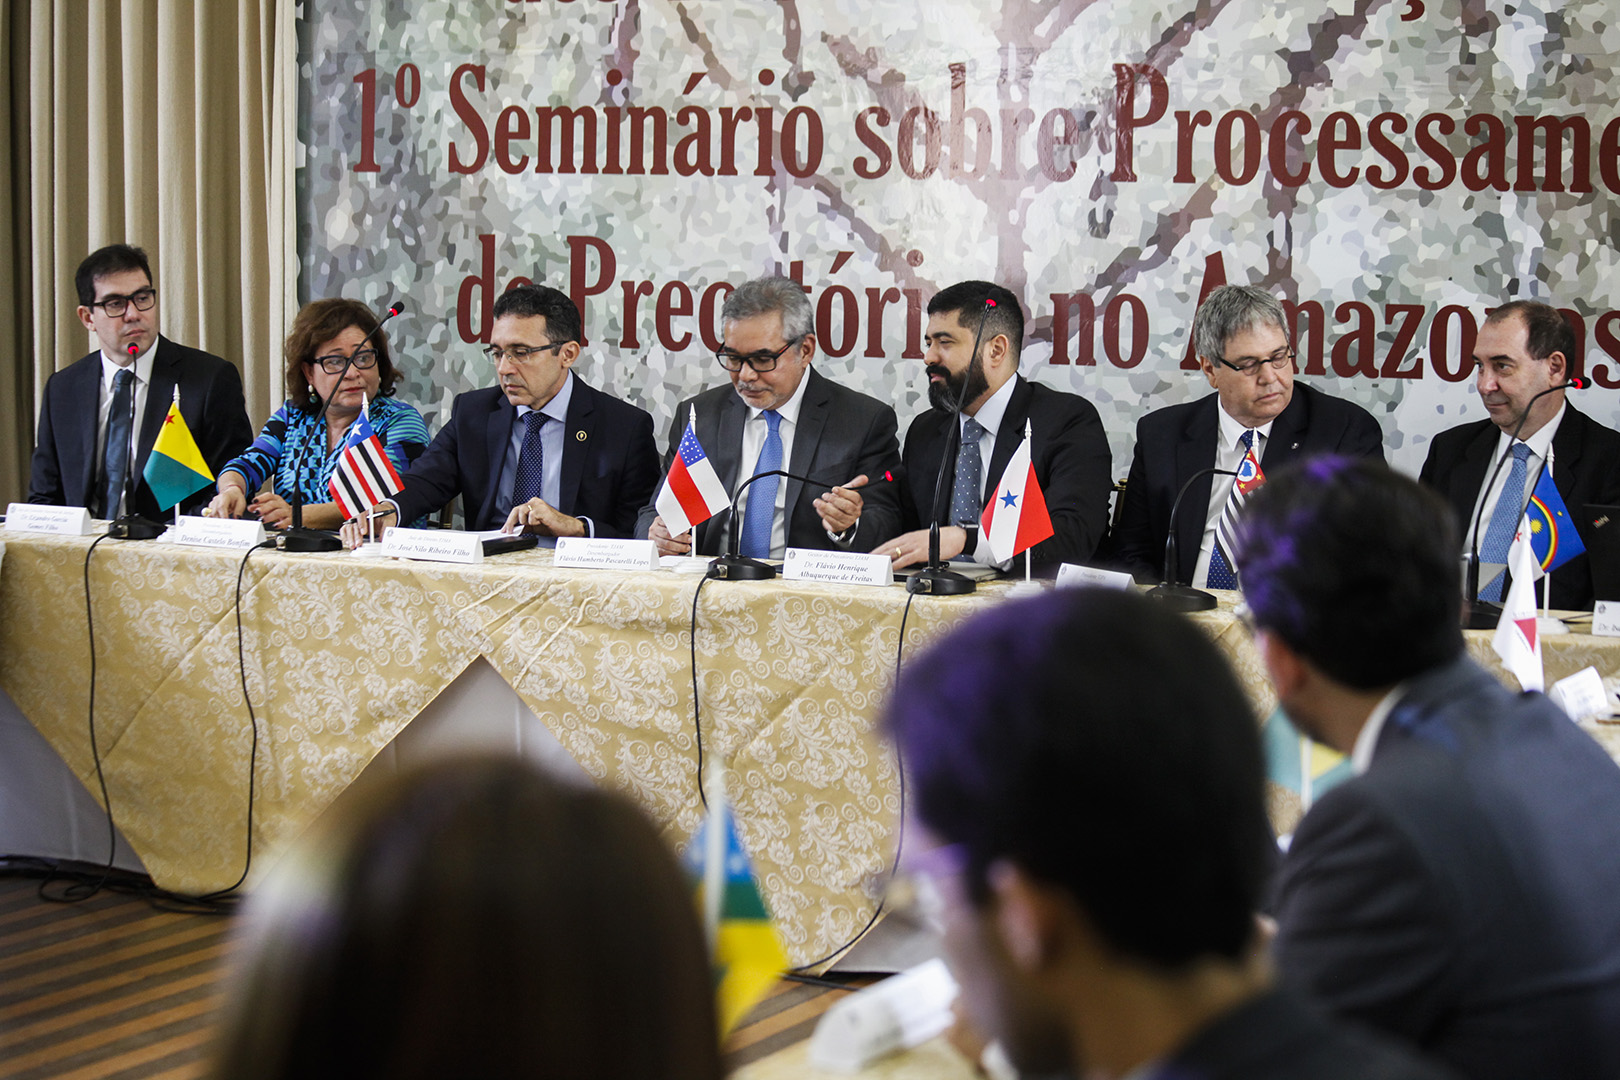 Câmara Nacional de Gestores de Precatórios se reúne em Manaus